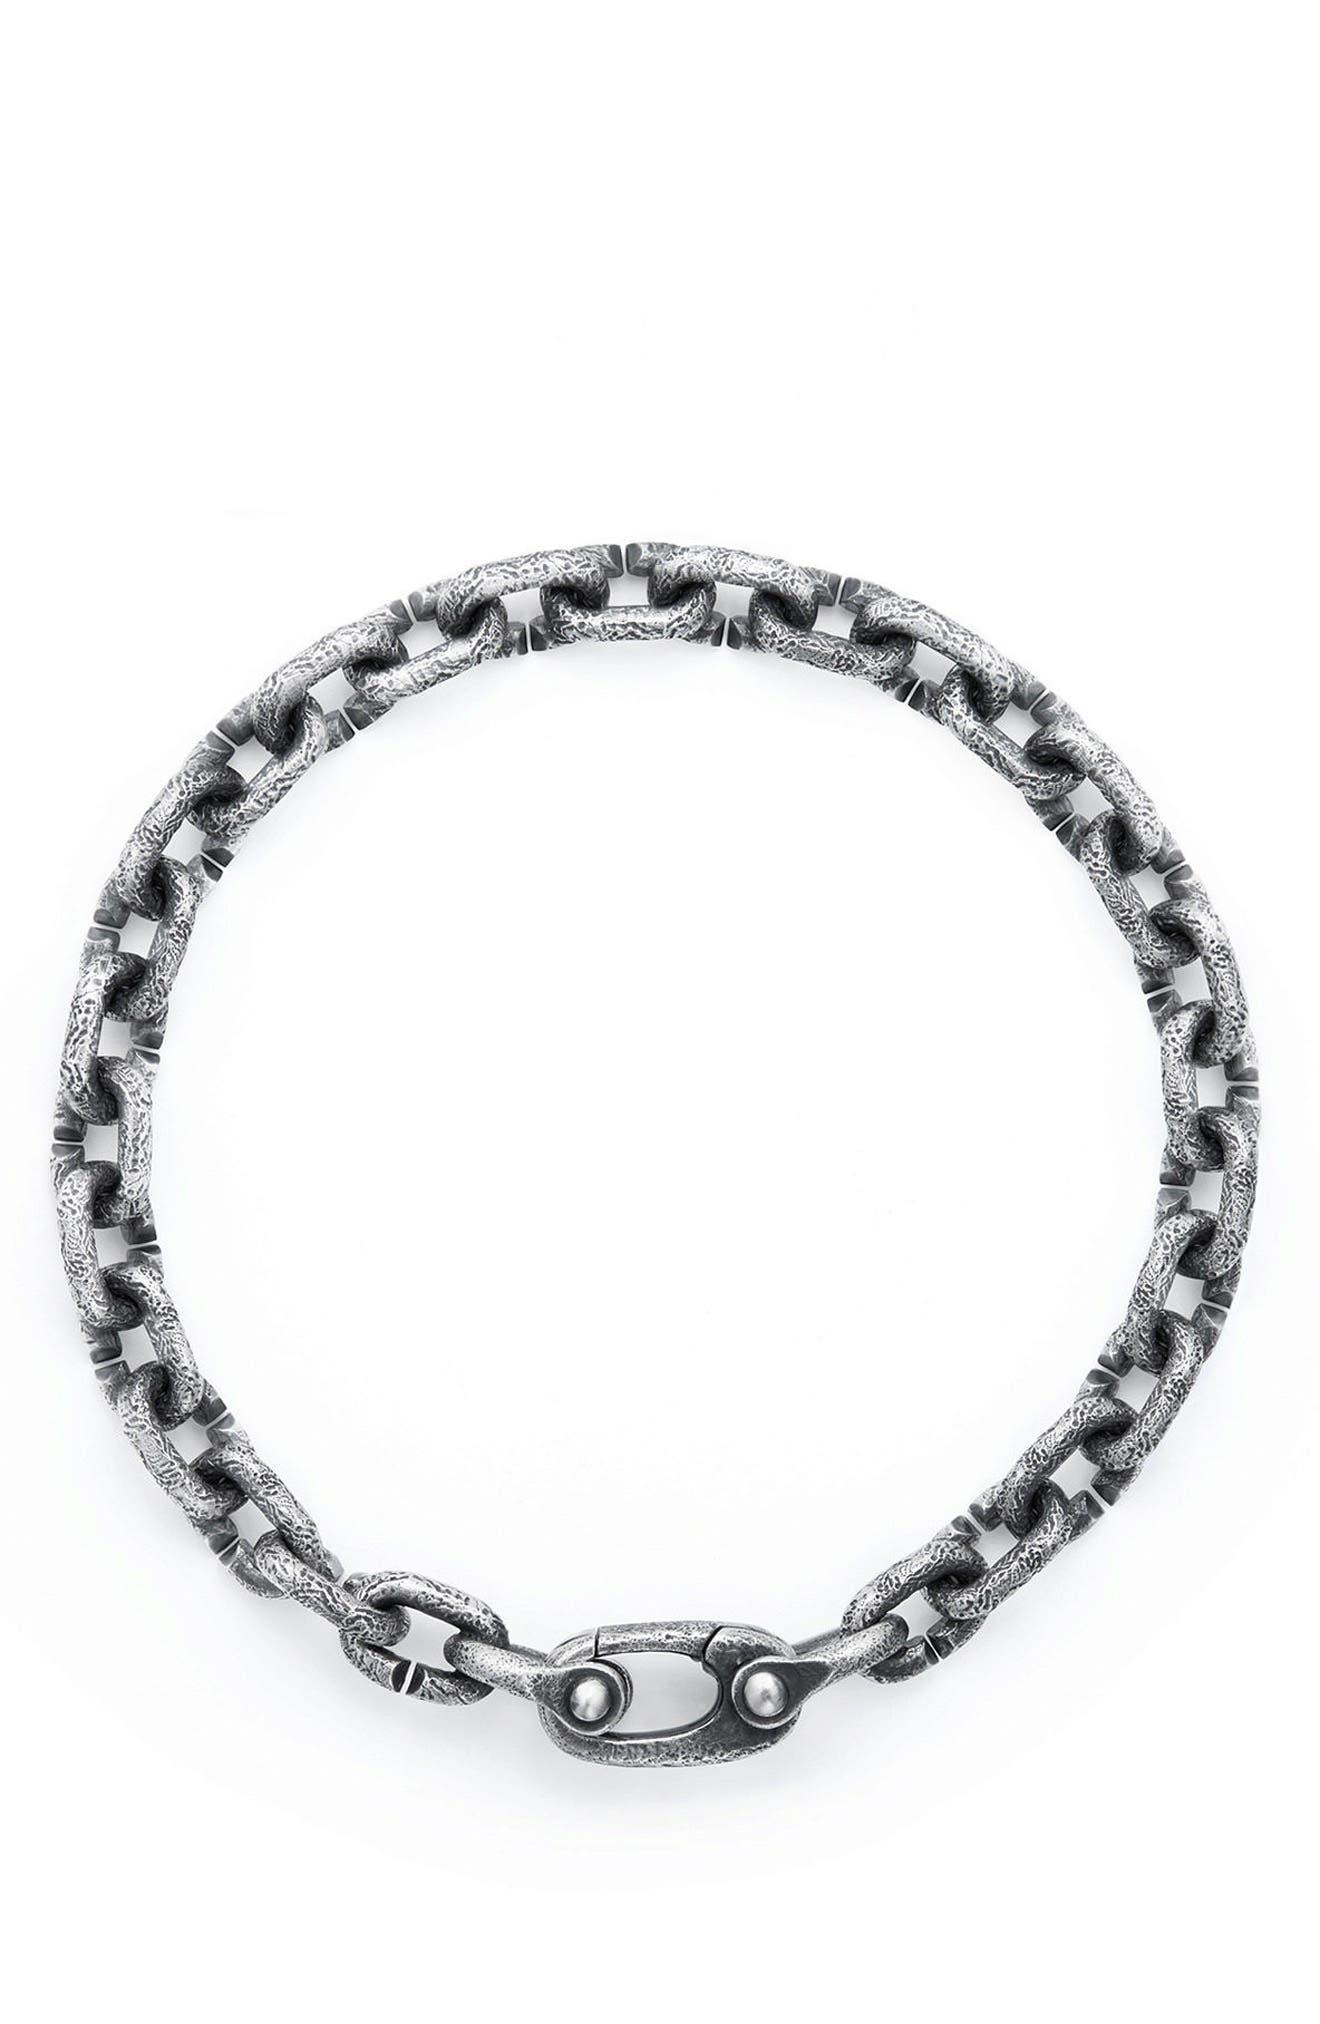 DAVID YURMAN, Shipwreck Chain Bracelet, 6mm, Alternate thumbnail 2, color, SILVER